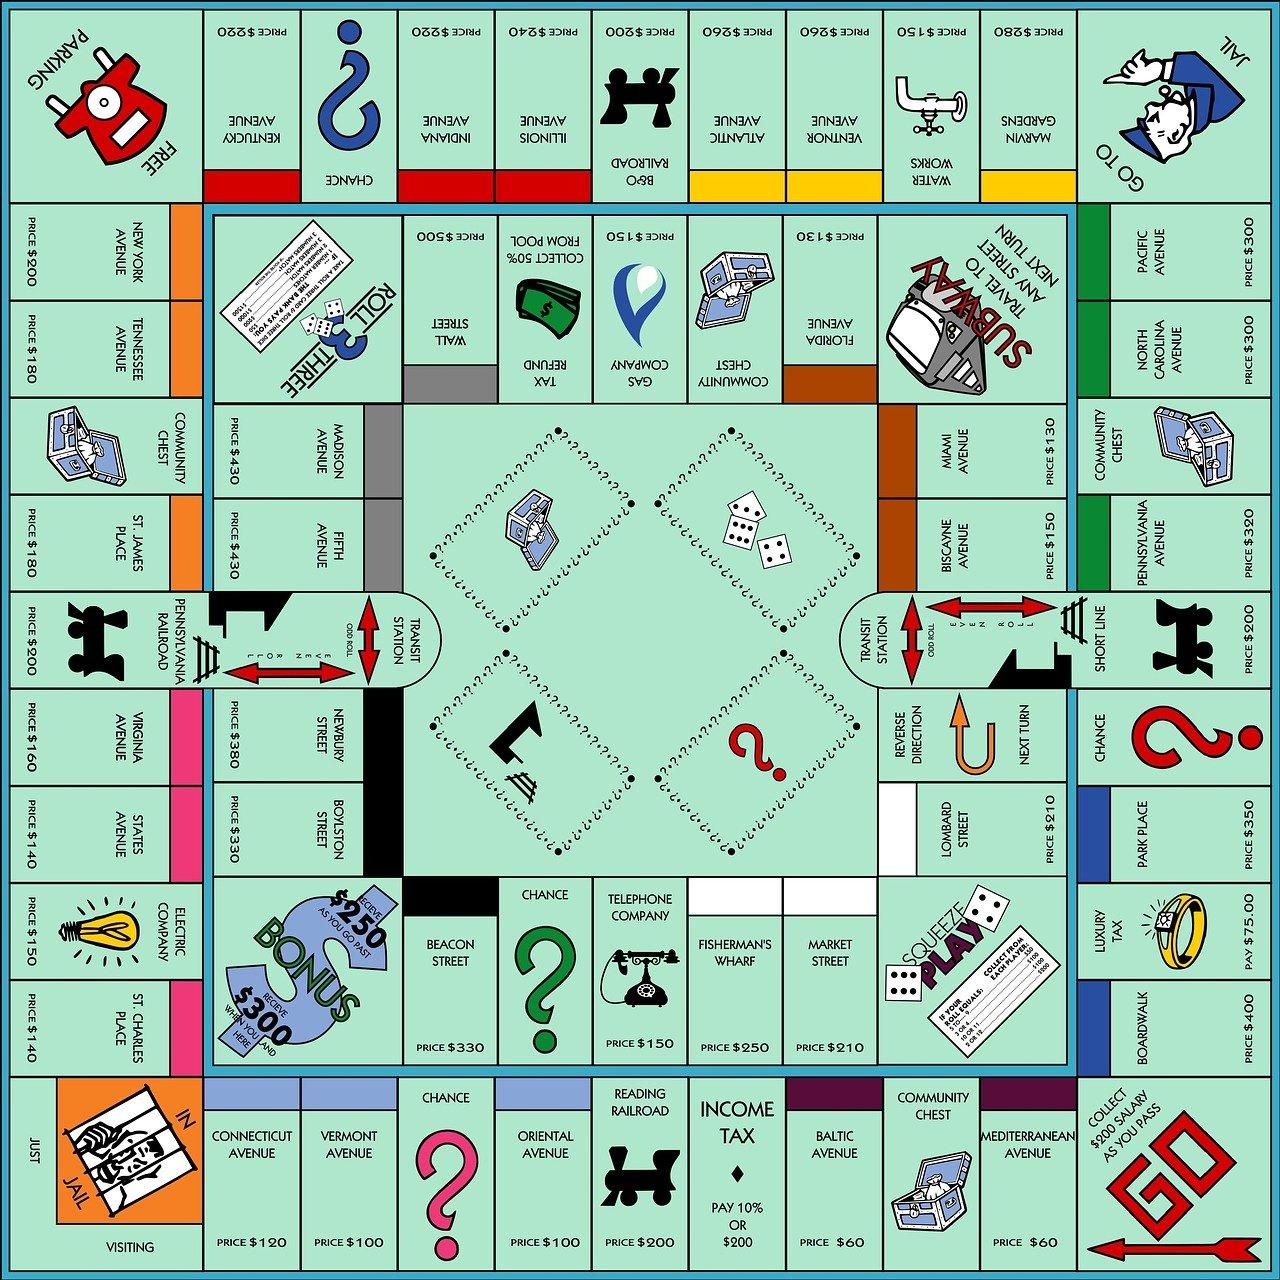 Monopolio Tablero De Juego Imagen Gratis En Pixabay